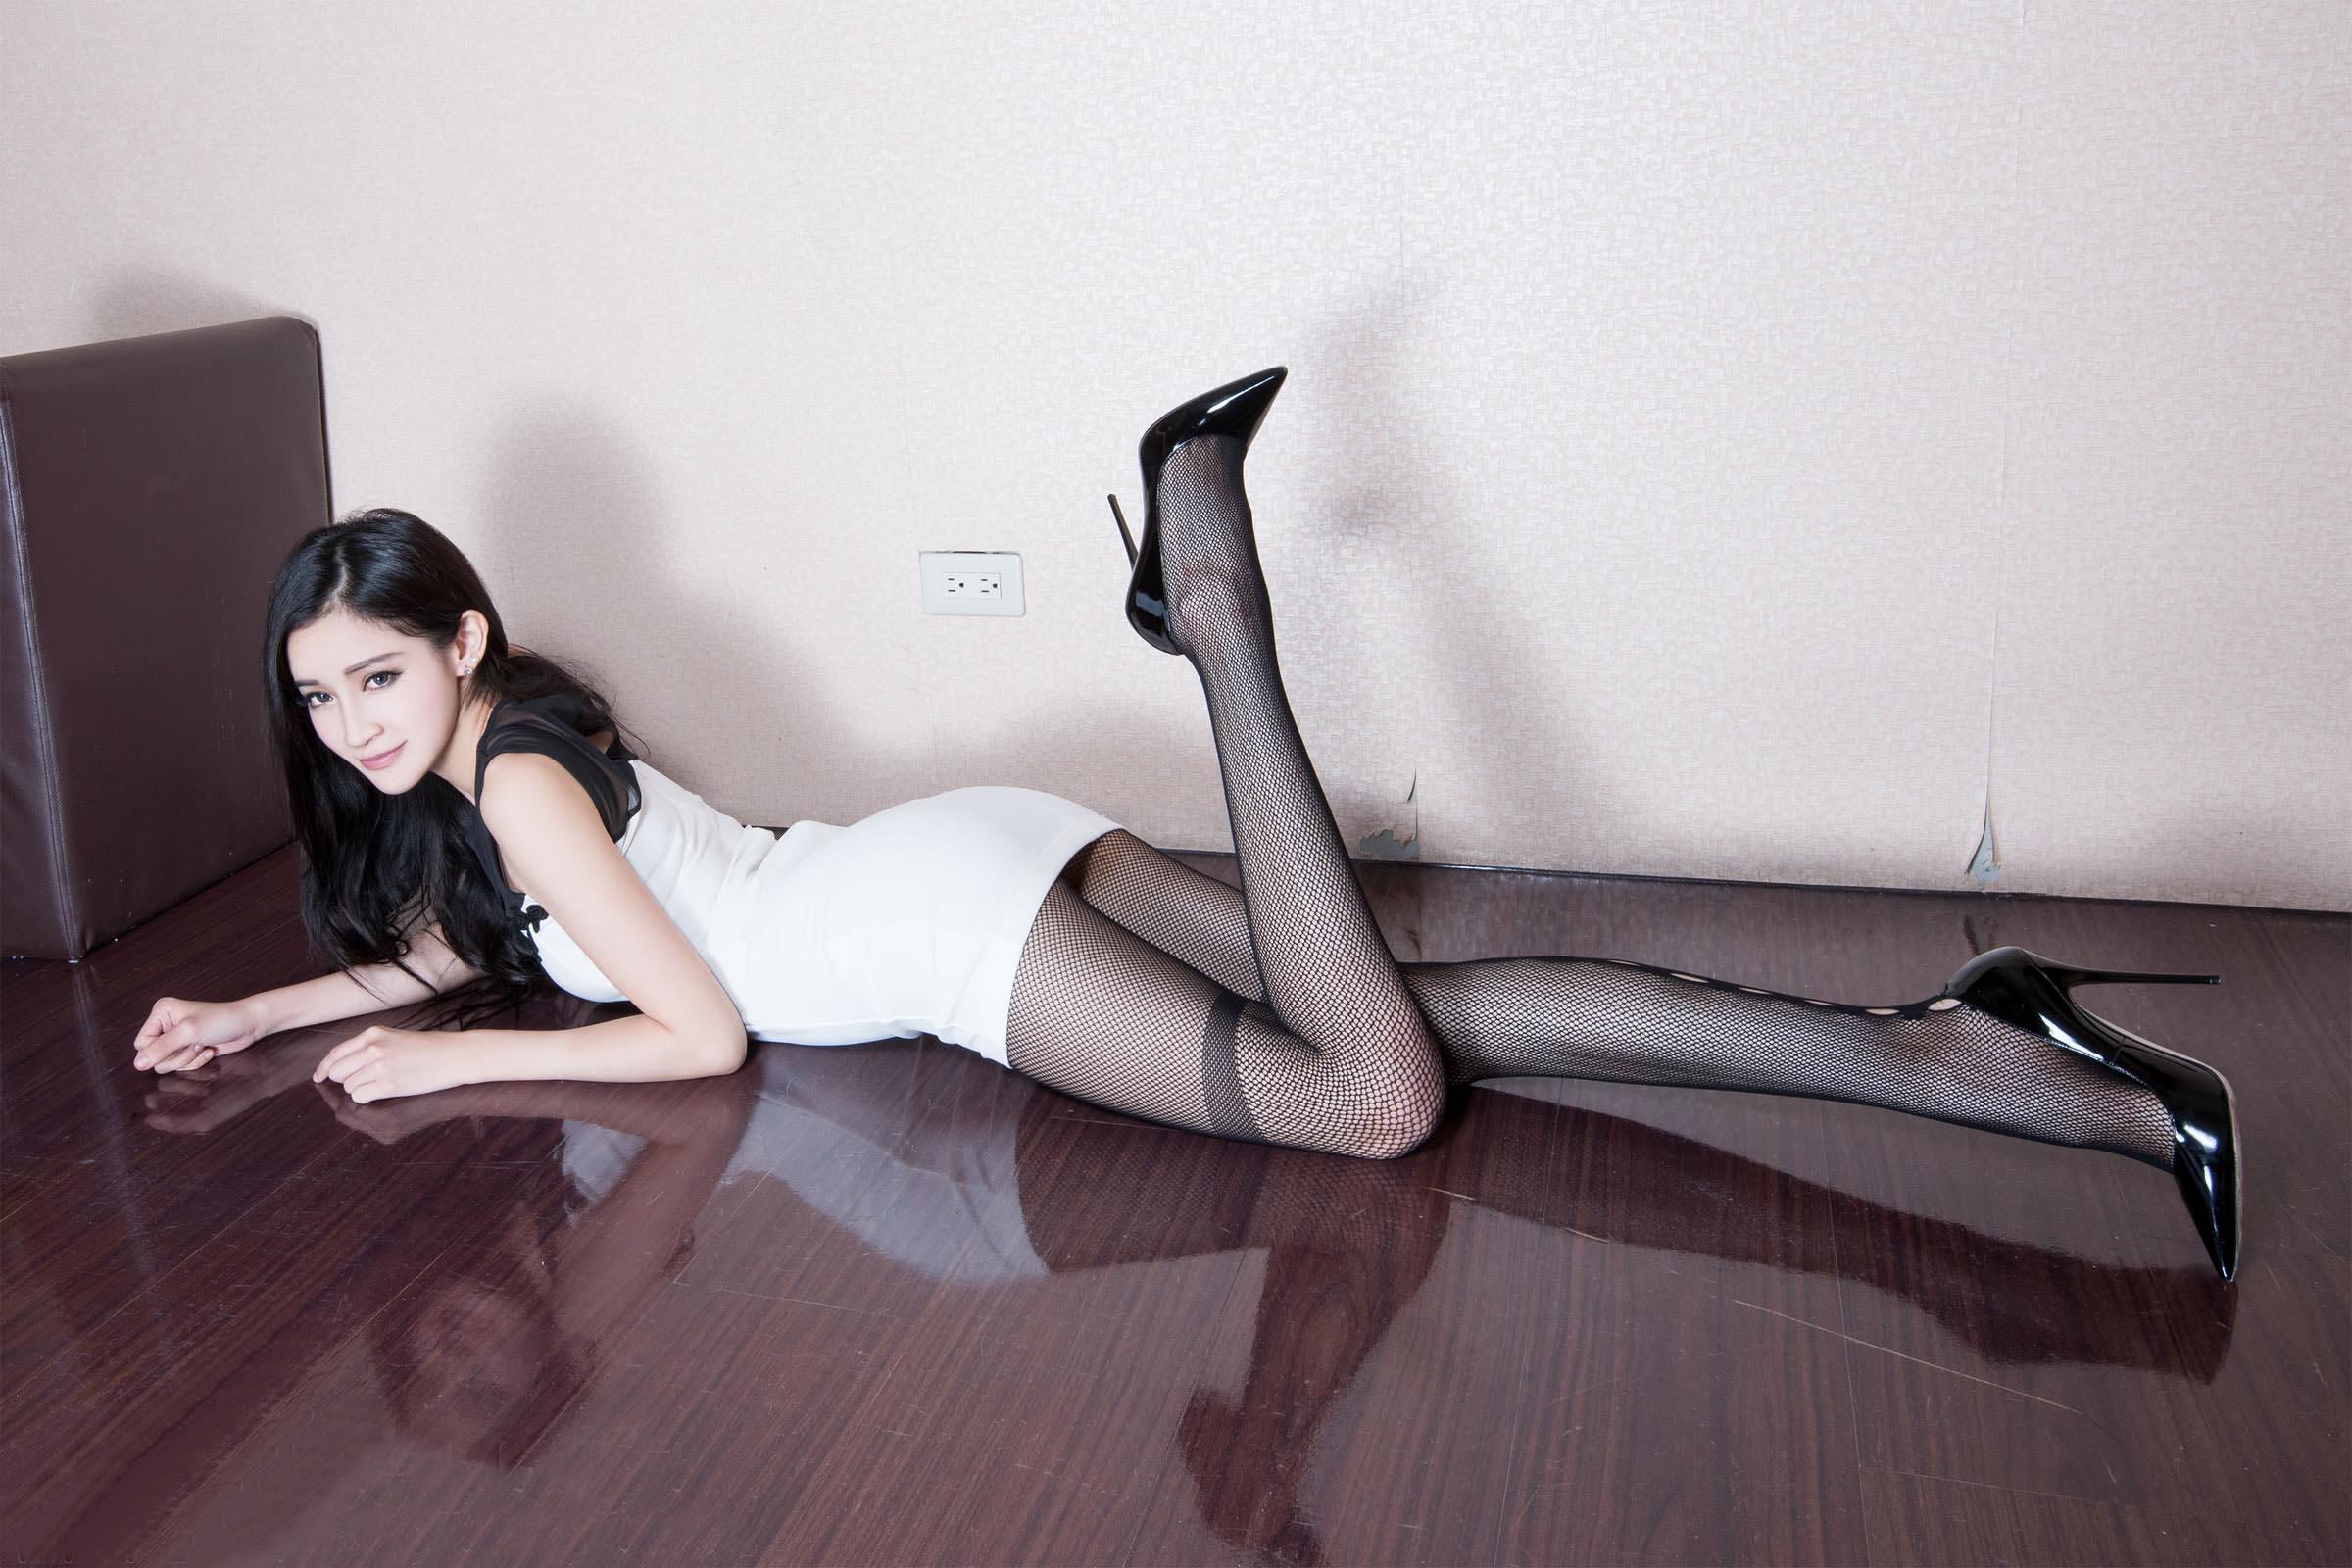 漂亮腿模  网袜高跟 - 花開有聲 - 花開有聲